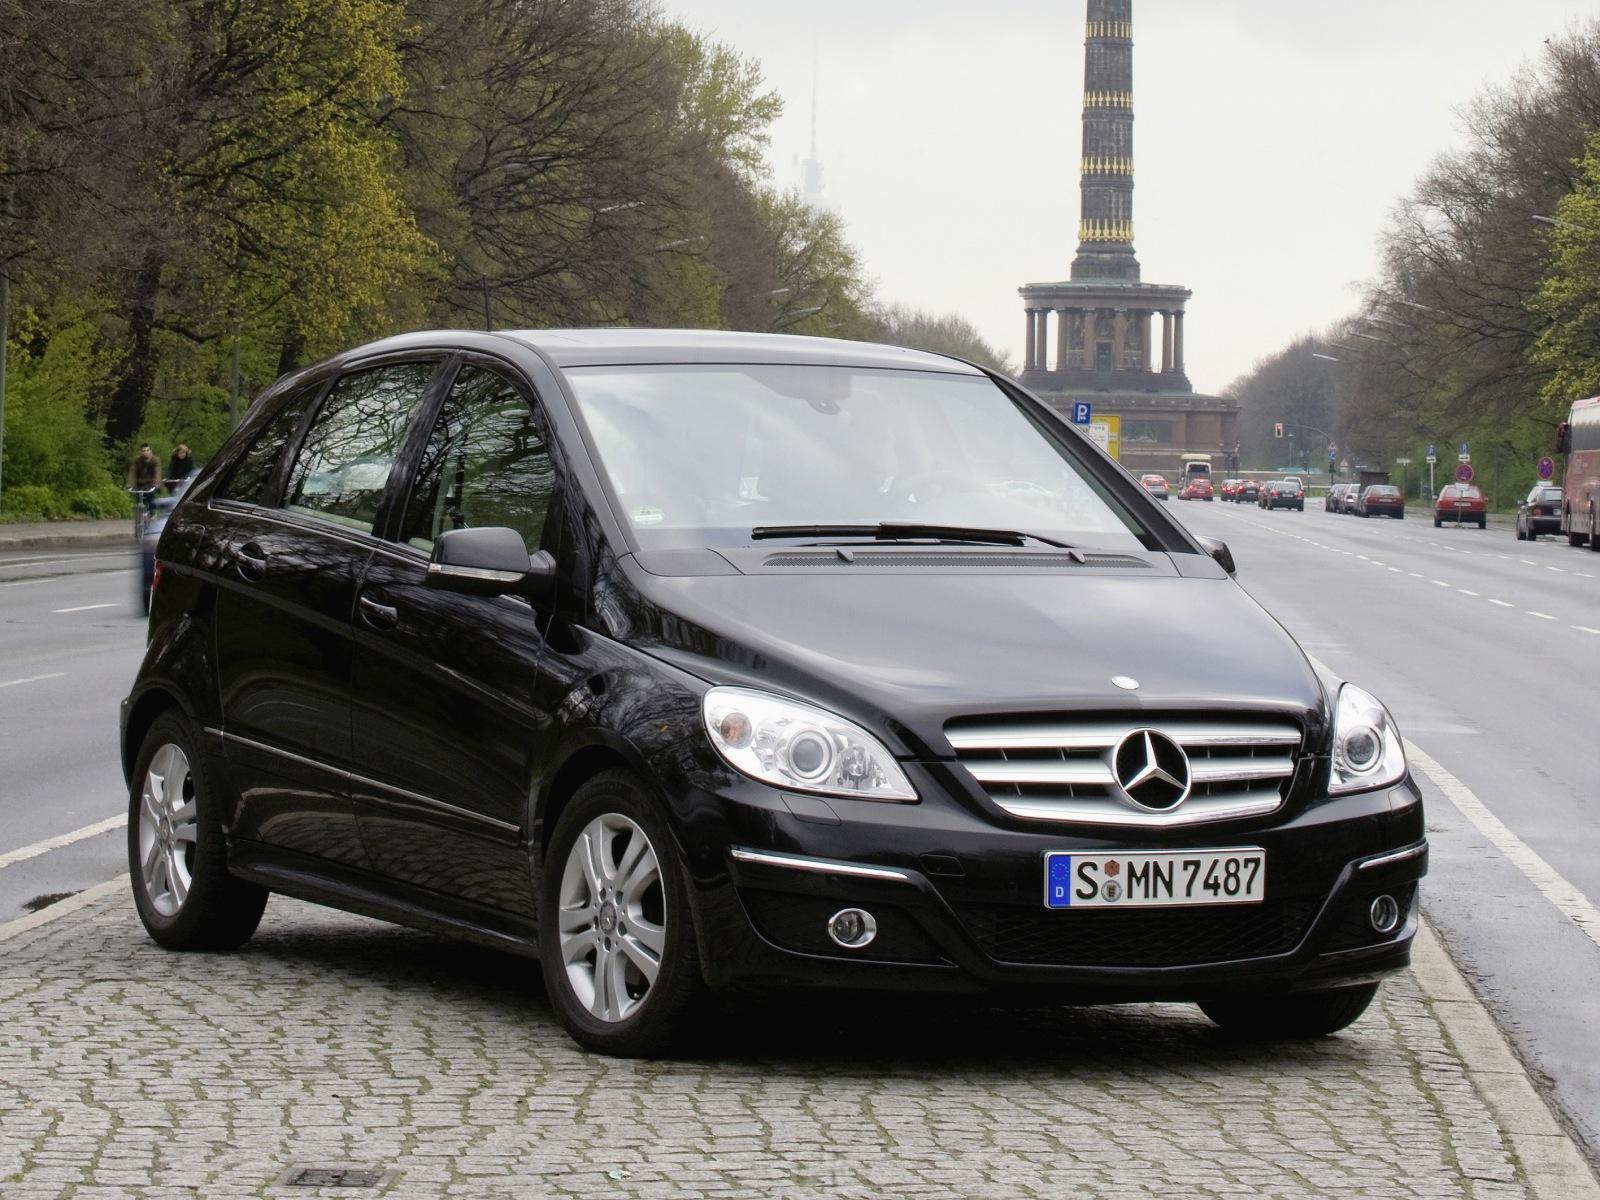 2009 Mercedes-Benz B-Class | Motor Desktop